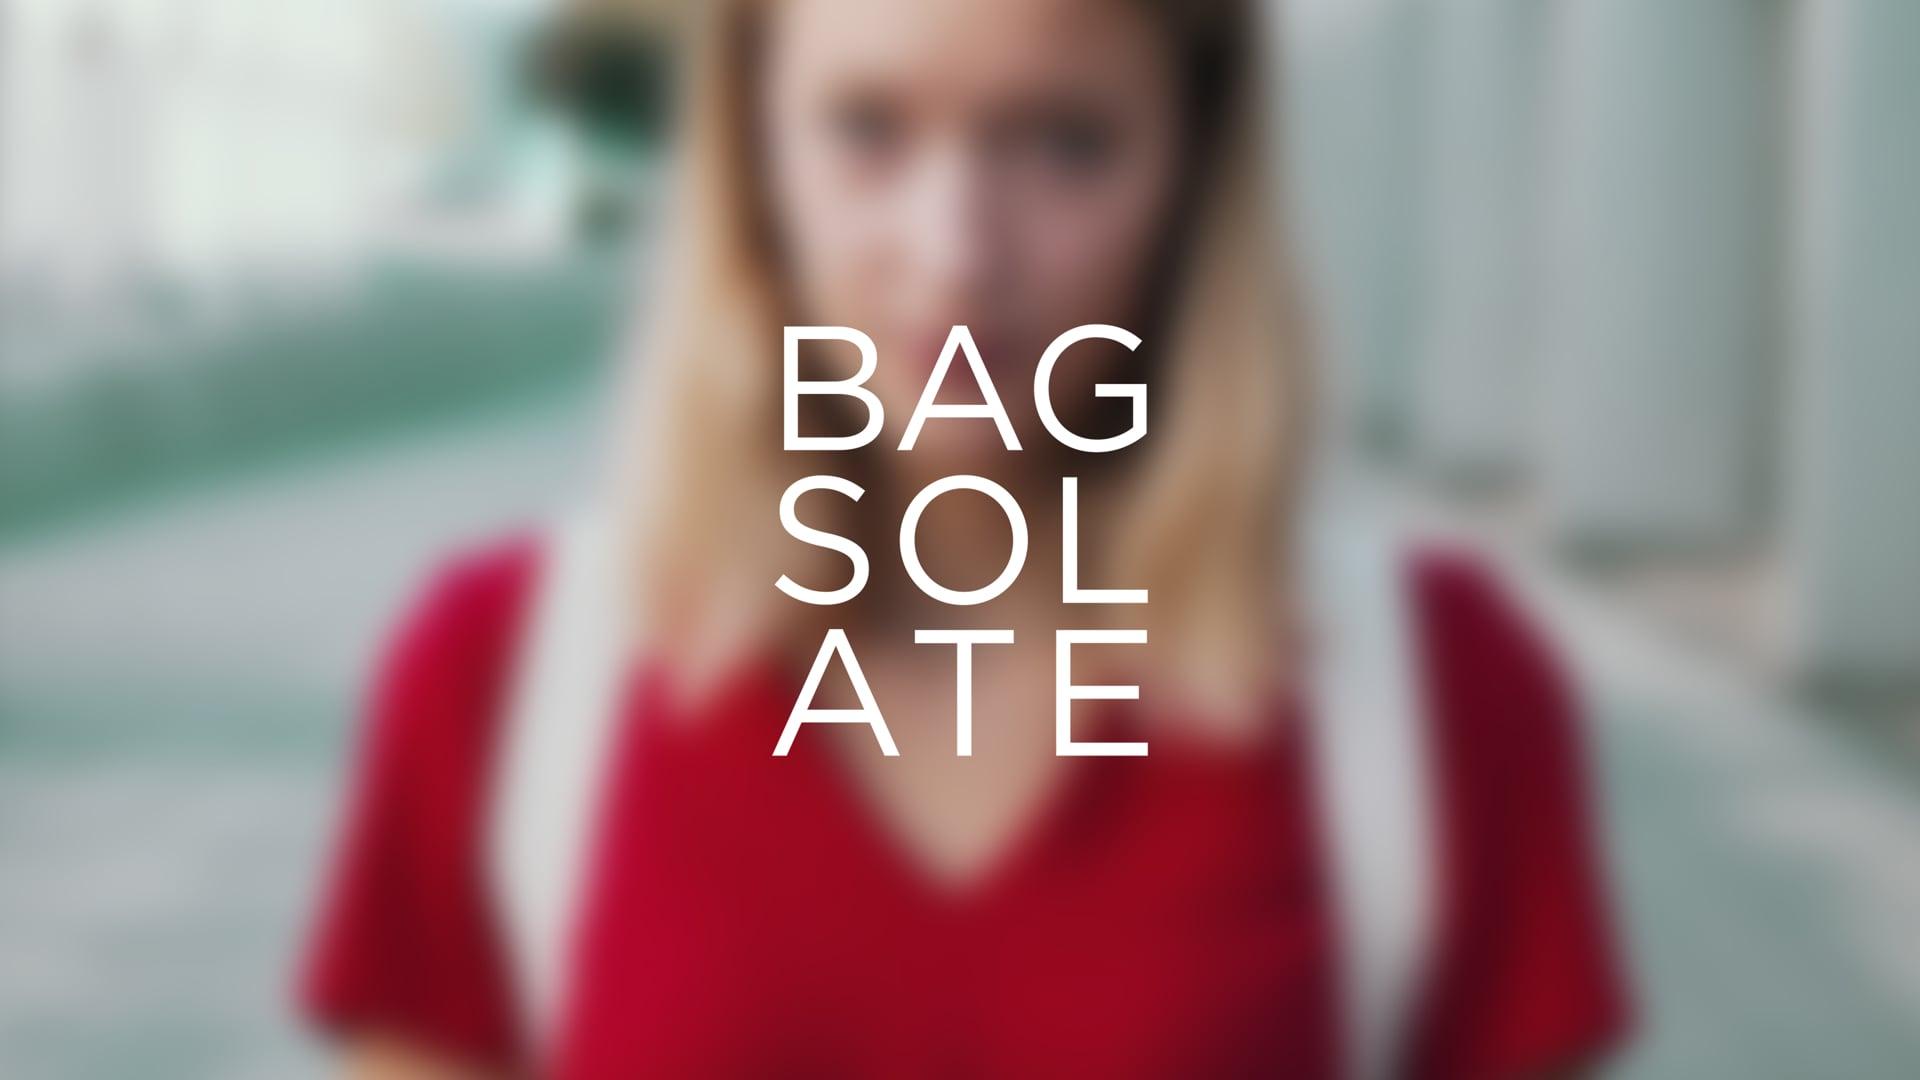 Imagefilm: BAGSOLATE